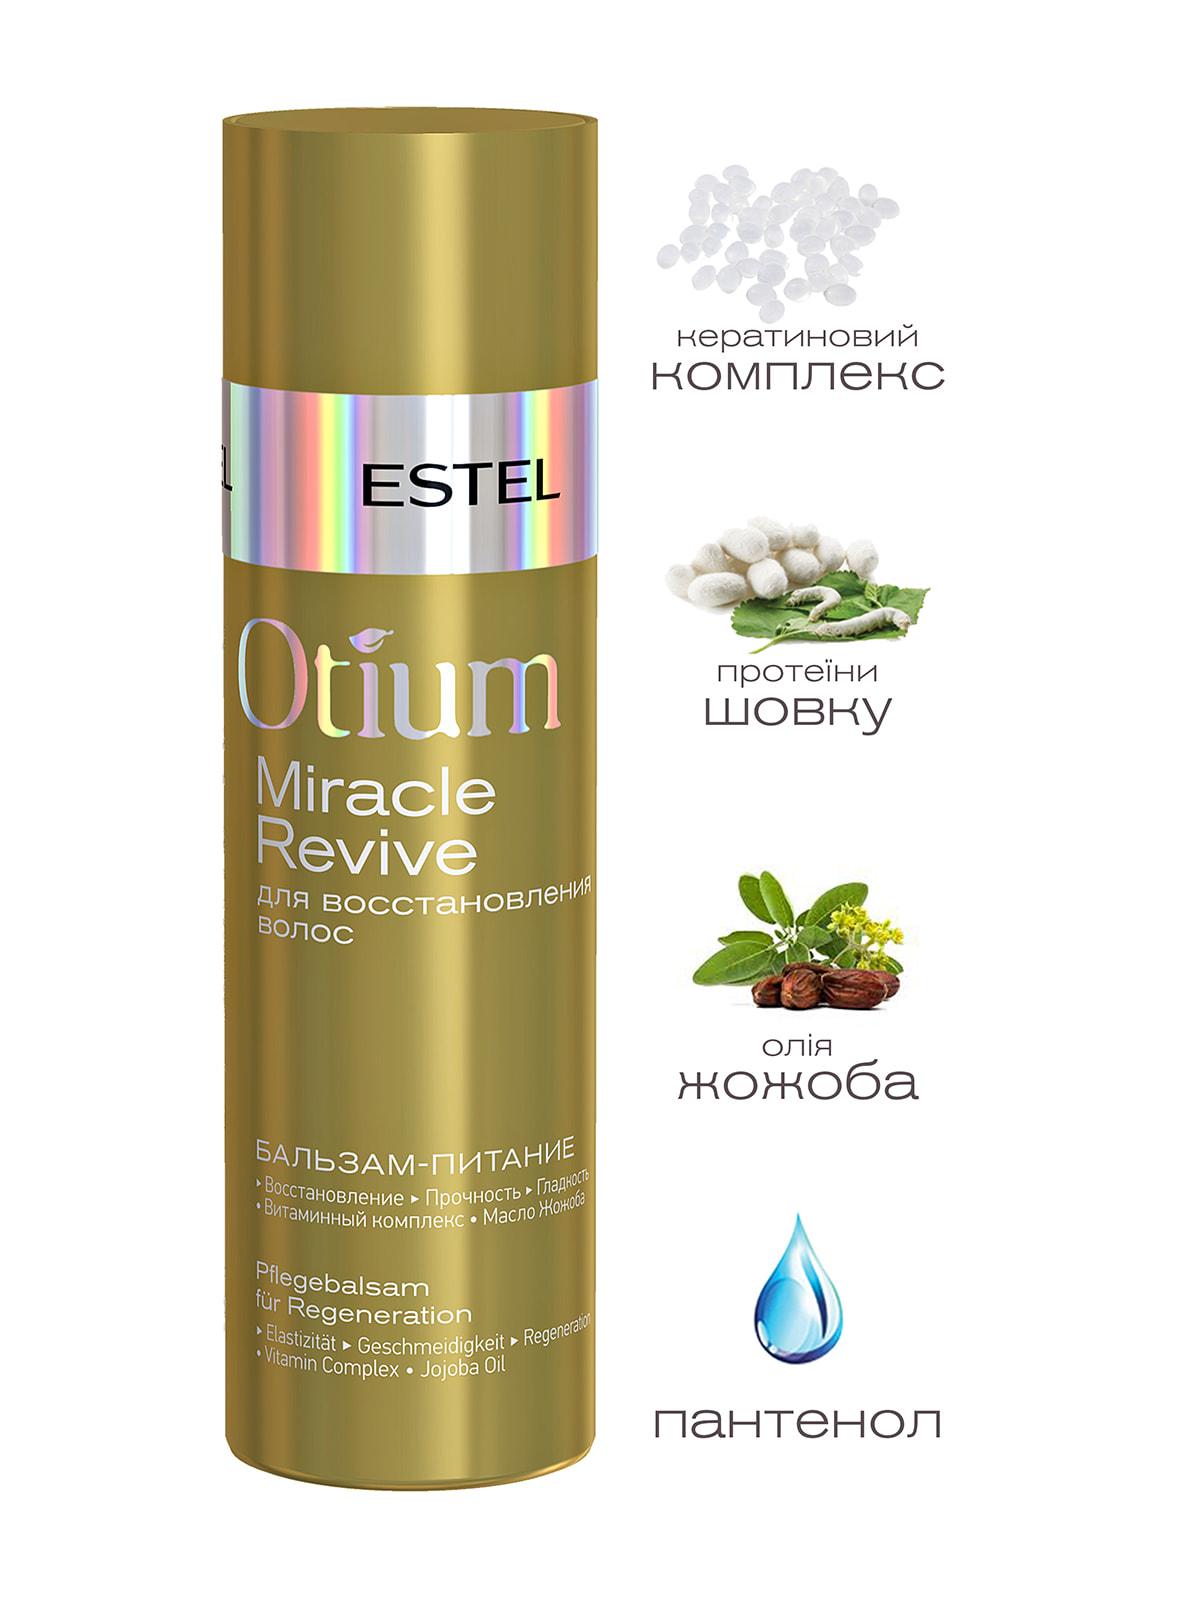 Бальзам-питание для восстановления волос Otium Miracle Revive (200 мл) | 4693972